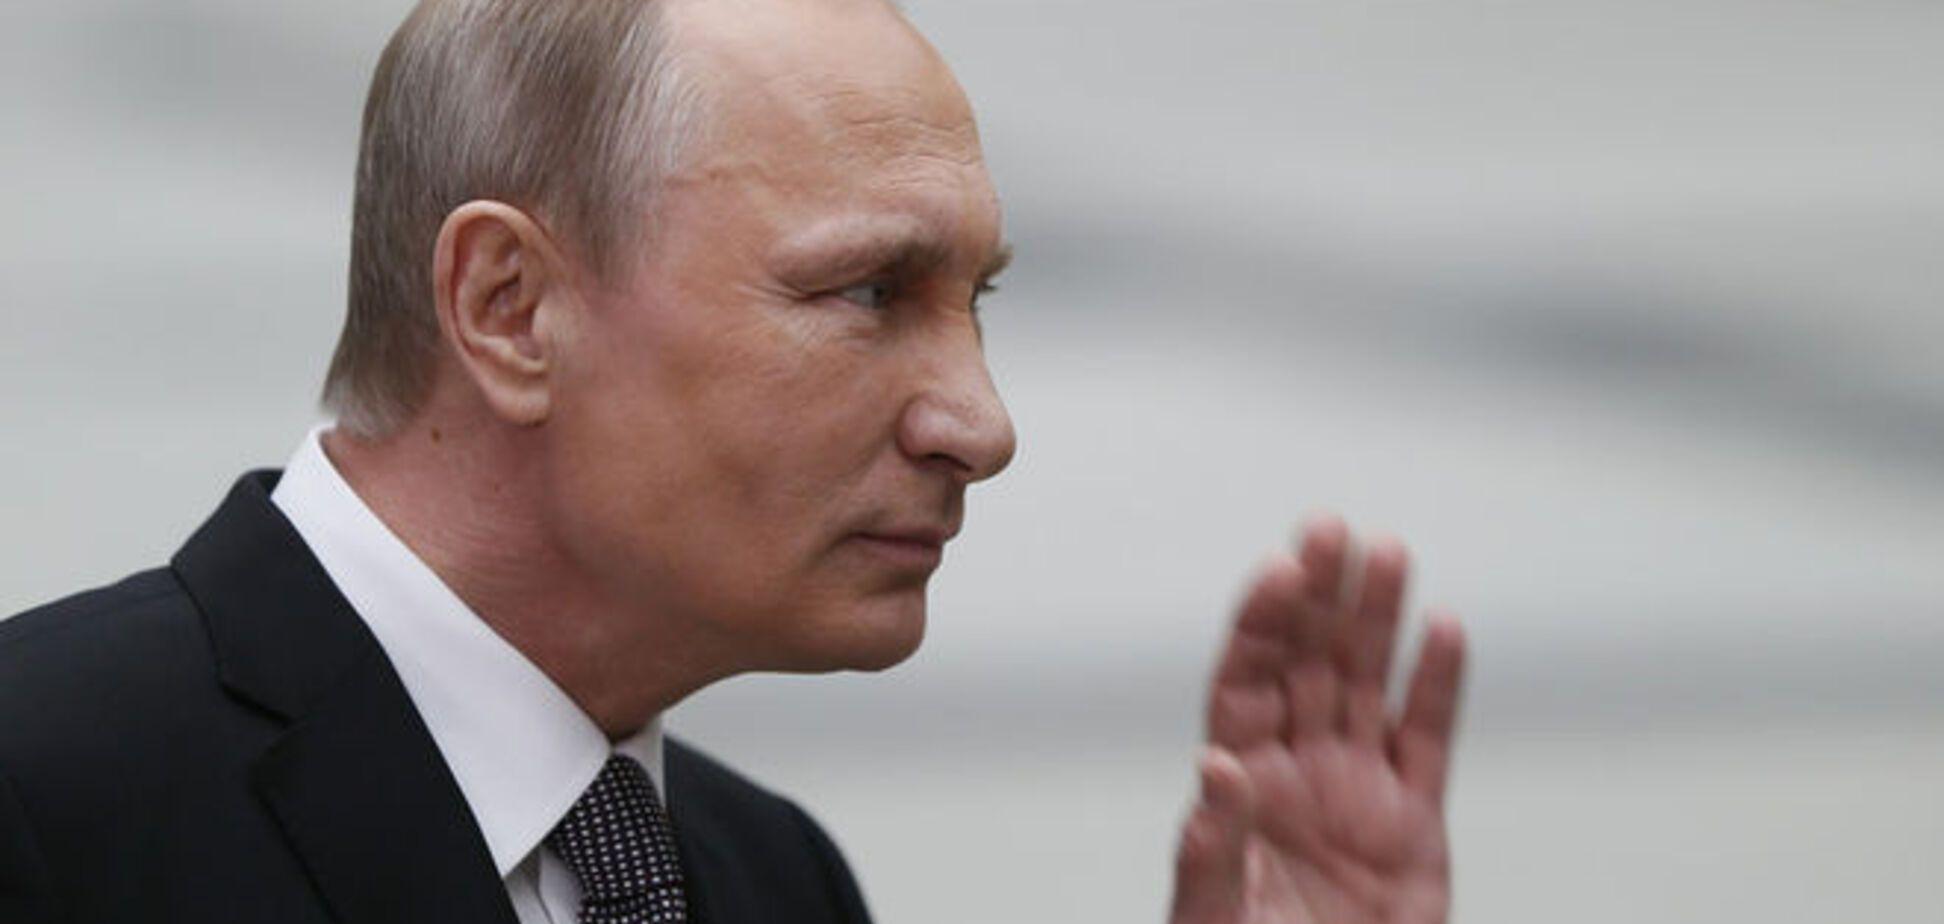 Автор хита 'Ах, какая женщина' представила военную песню о Путине. Видеофакт